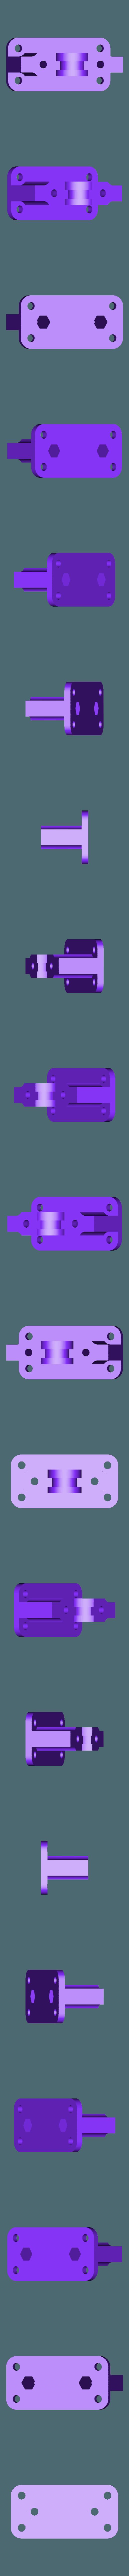 anet_a8_-_E3DV6_-_modular_-_extruder_mount_1.stl Télécharger fichier STL gratuit Anet a8 E3D V6 Adaptateur modulaire E3D V6 avec passage de câbles / gaine arrière amusante • Plan pour imprimante 3D, pparsniak